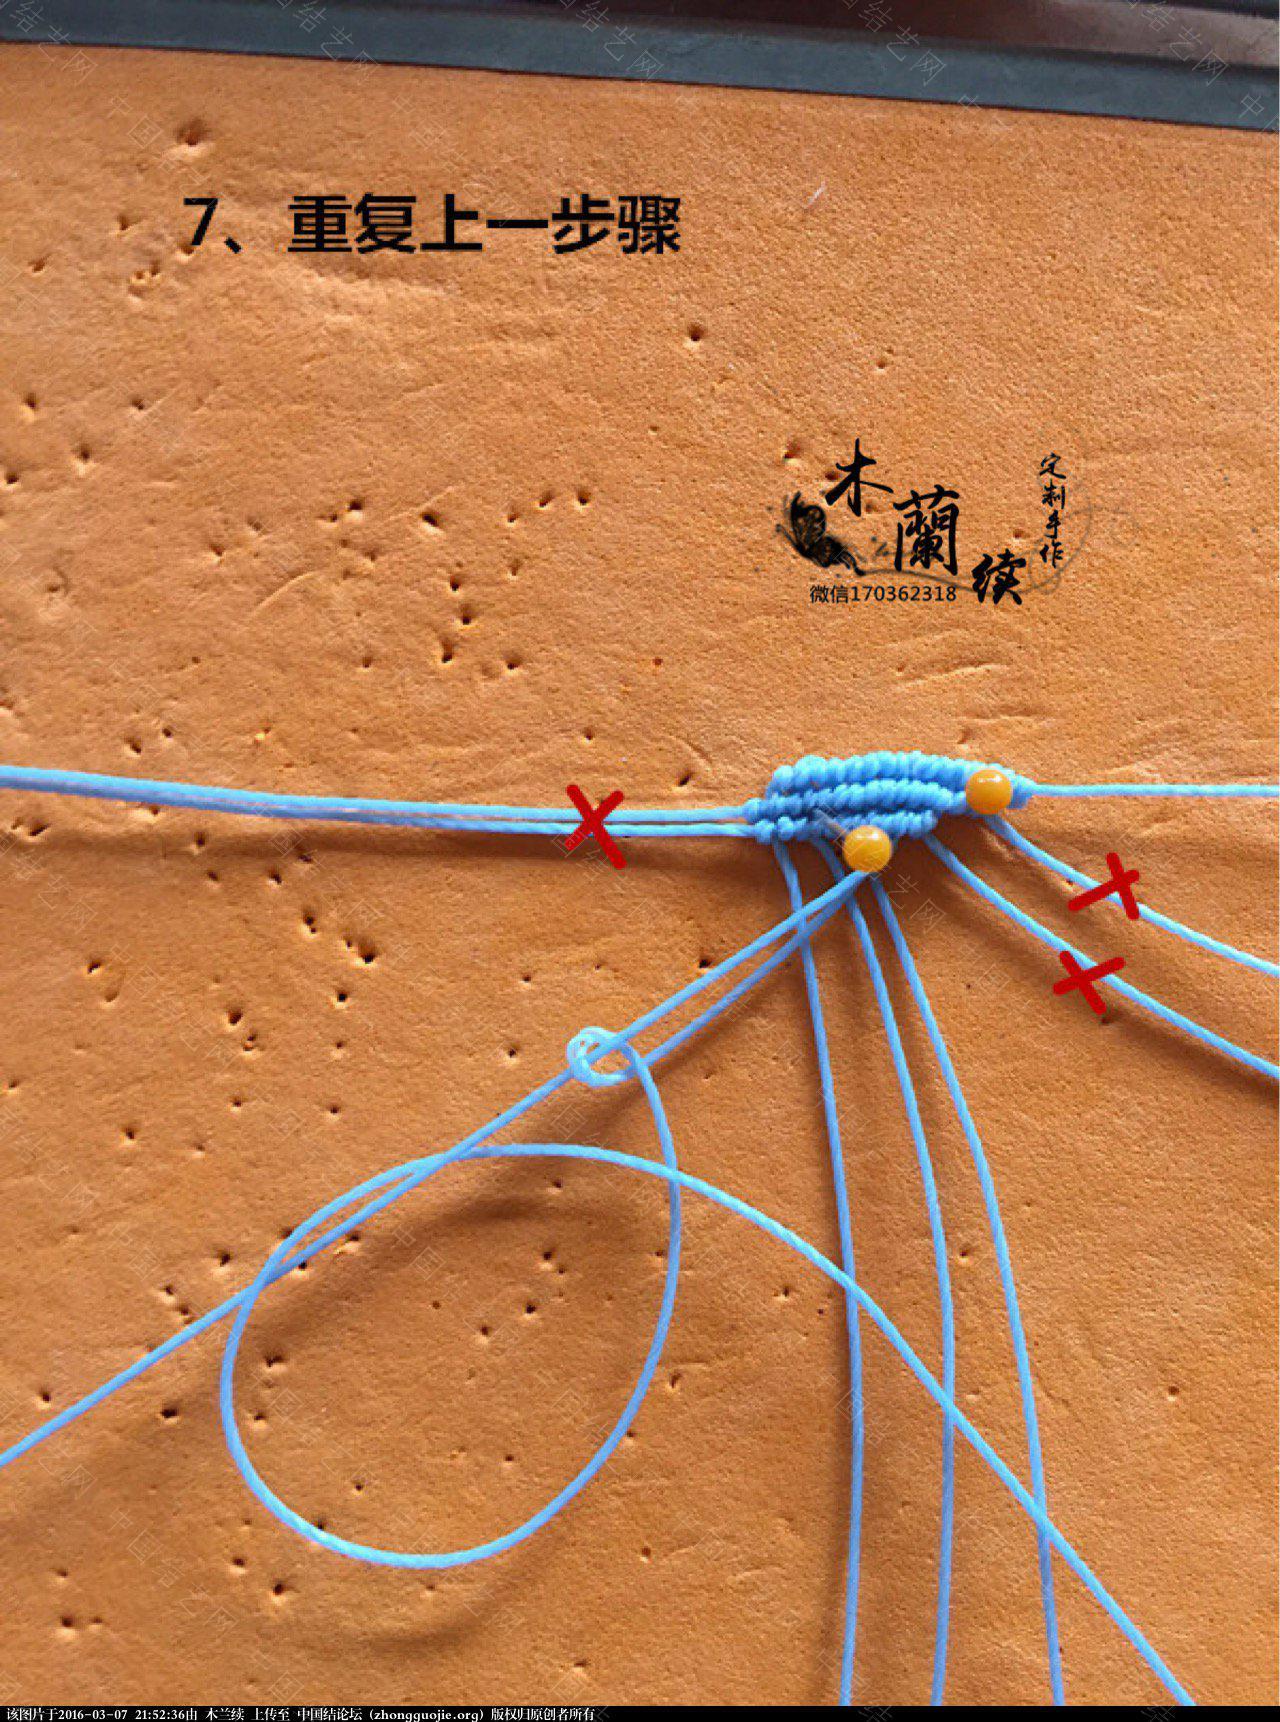 中国结论坛 【木兰续】萌萌的海星挂件! 木兰 图文教程区 214830as8tk8qe5878e008